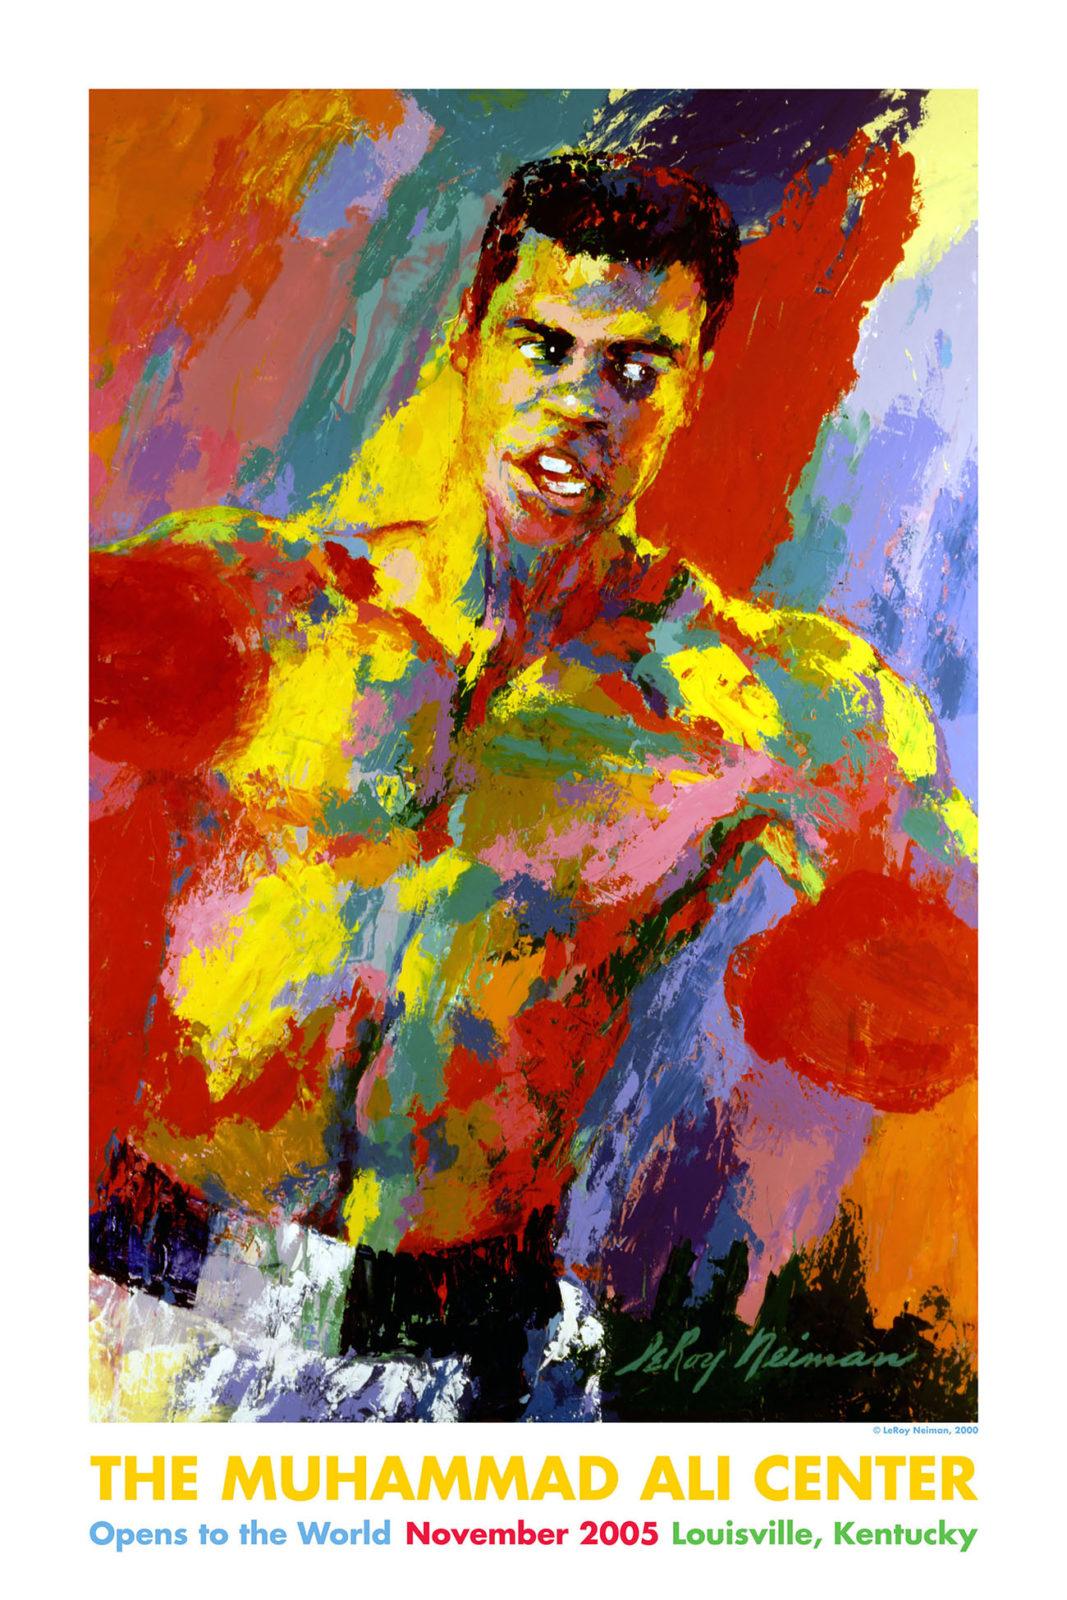 Muhammad Ali Center poster